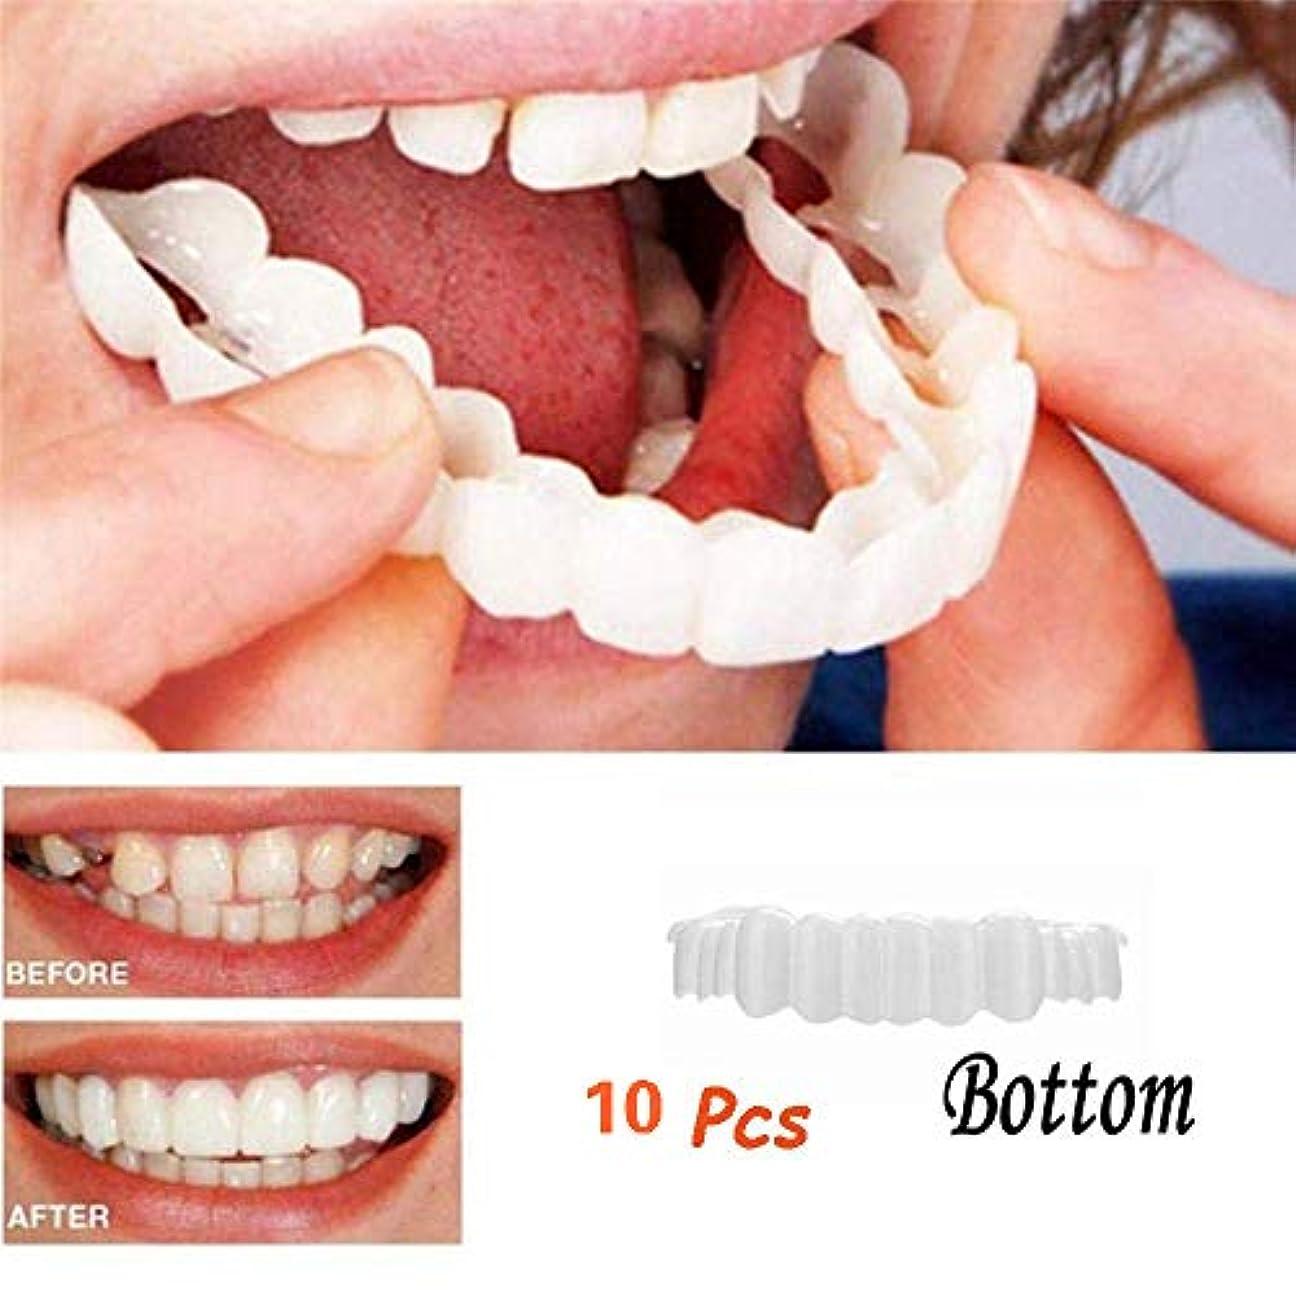 机のために異形10ピース化粧品歯化粧品歯科スナップインスタントパーフェクトスマイルコンフォートフィットフレックス歯白い歯カバーフィットほとんどの偽底歯